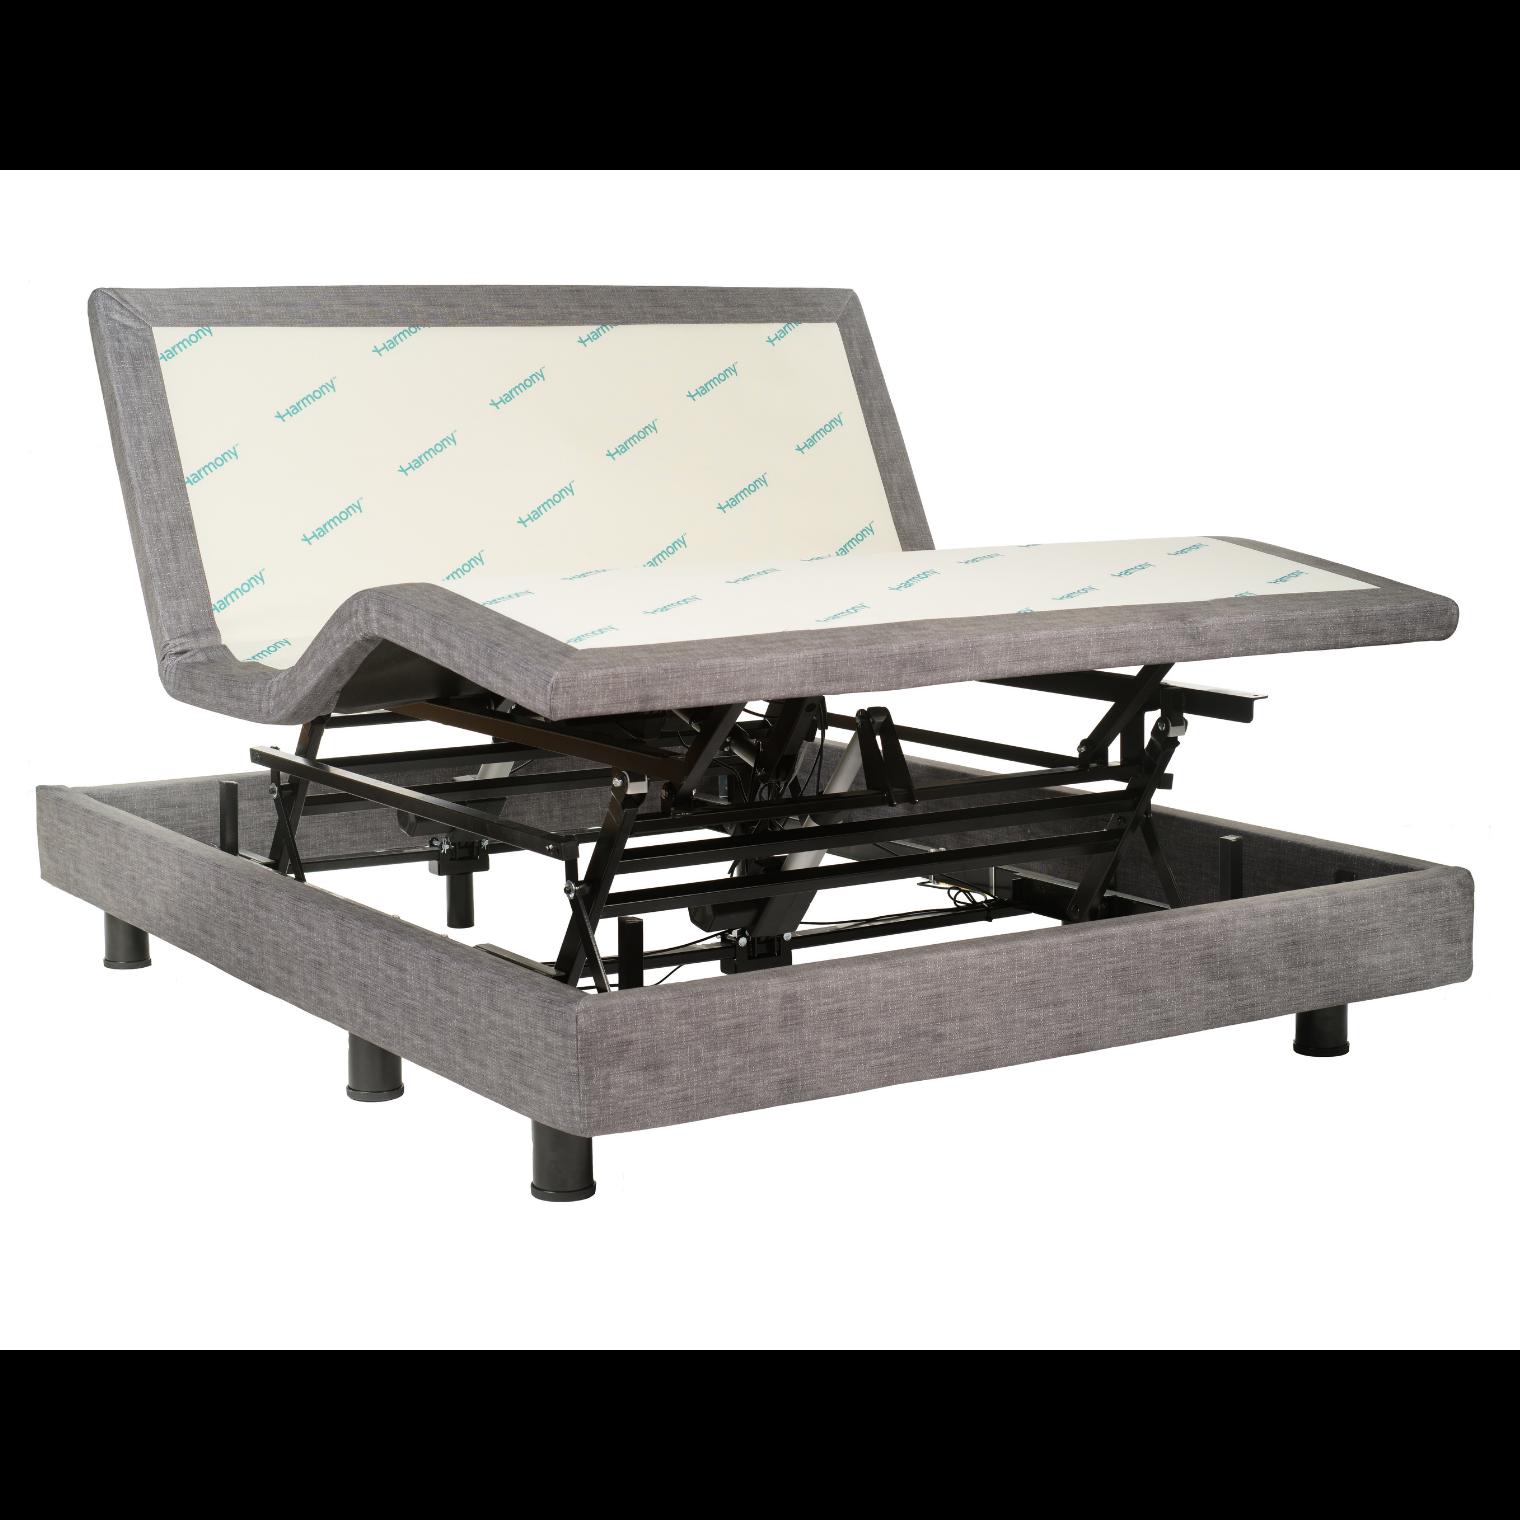 Hi-low adjustable bed base